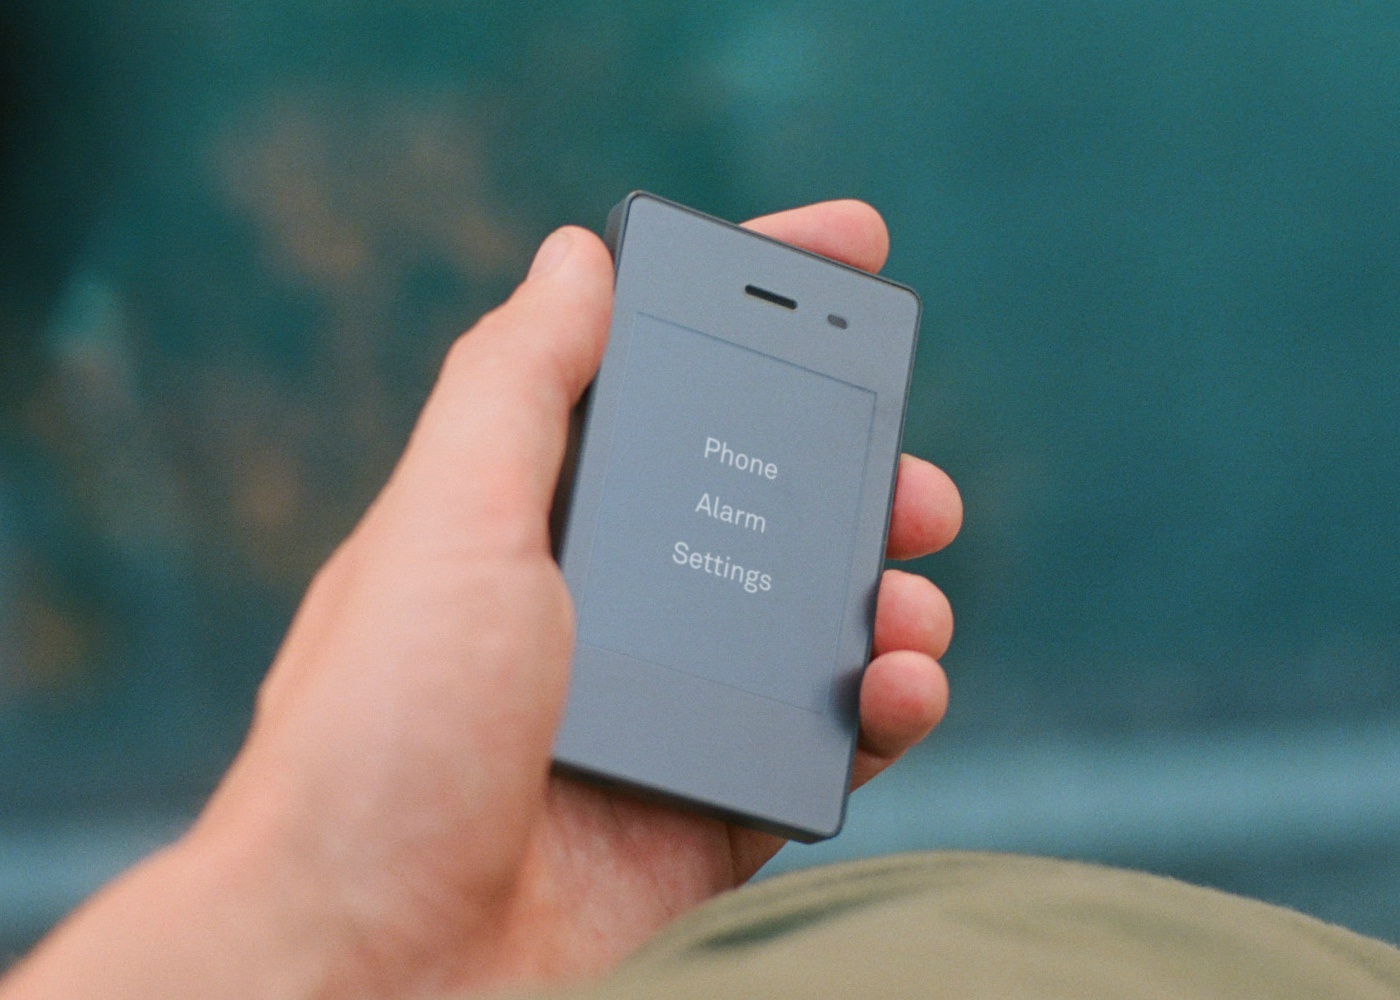 light phone na mao